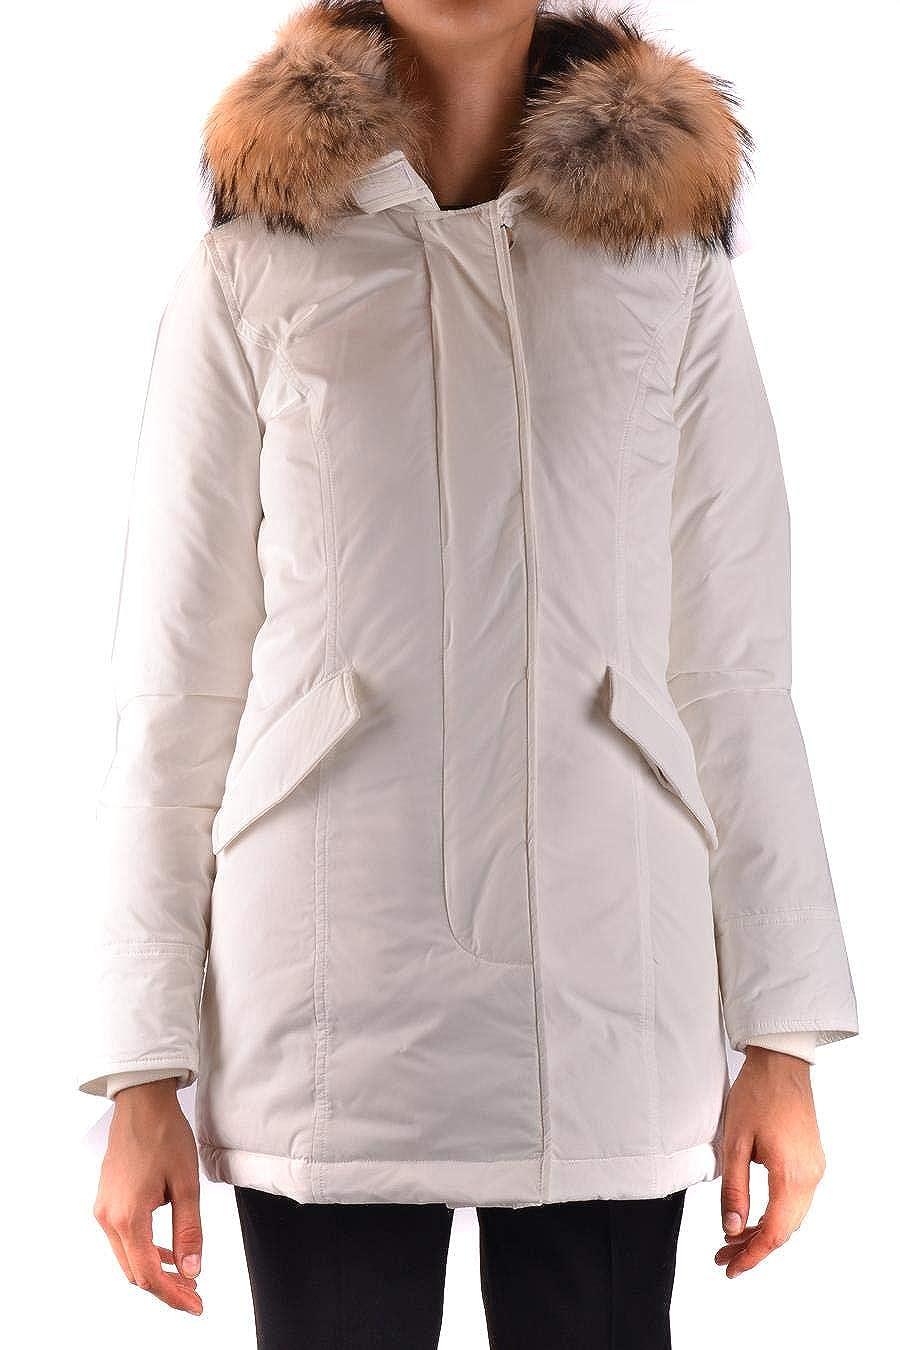 Polyamide Wwcps2604cf408270 Femme Woolrich Manteau Blanc q7aPwFtxF